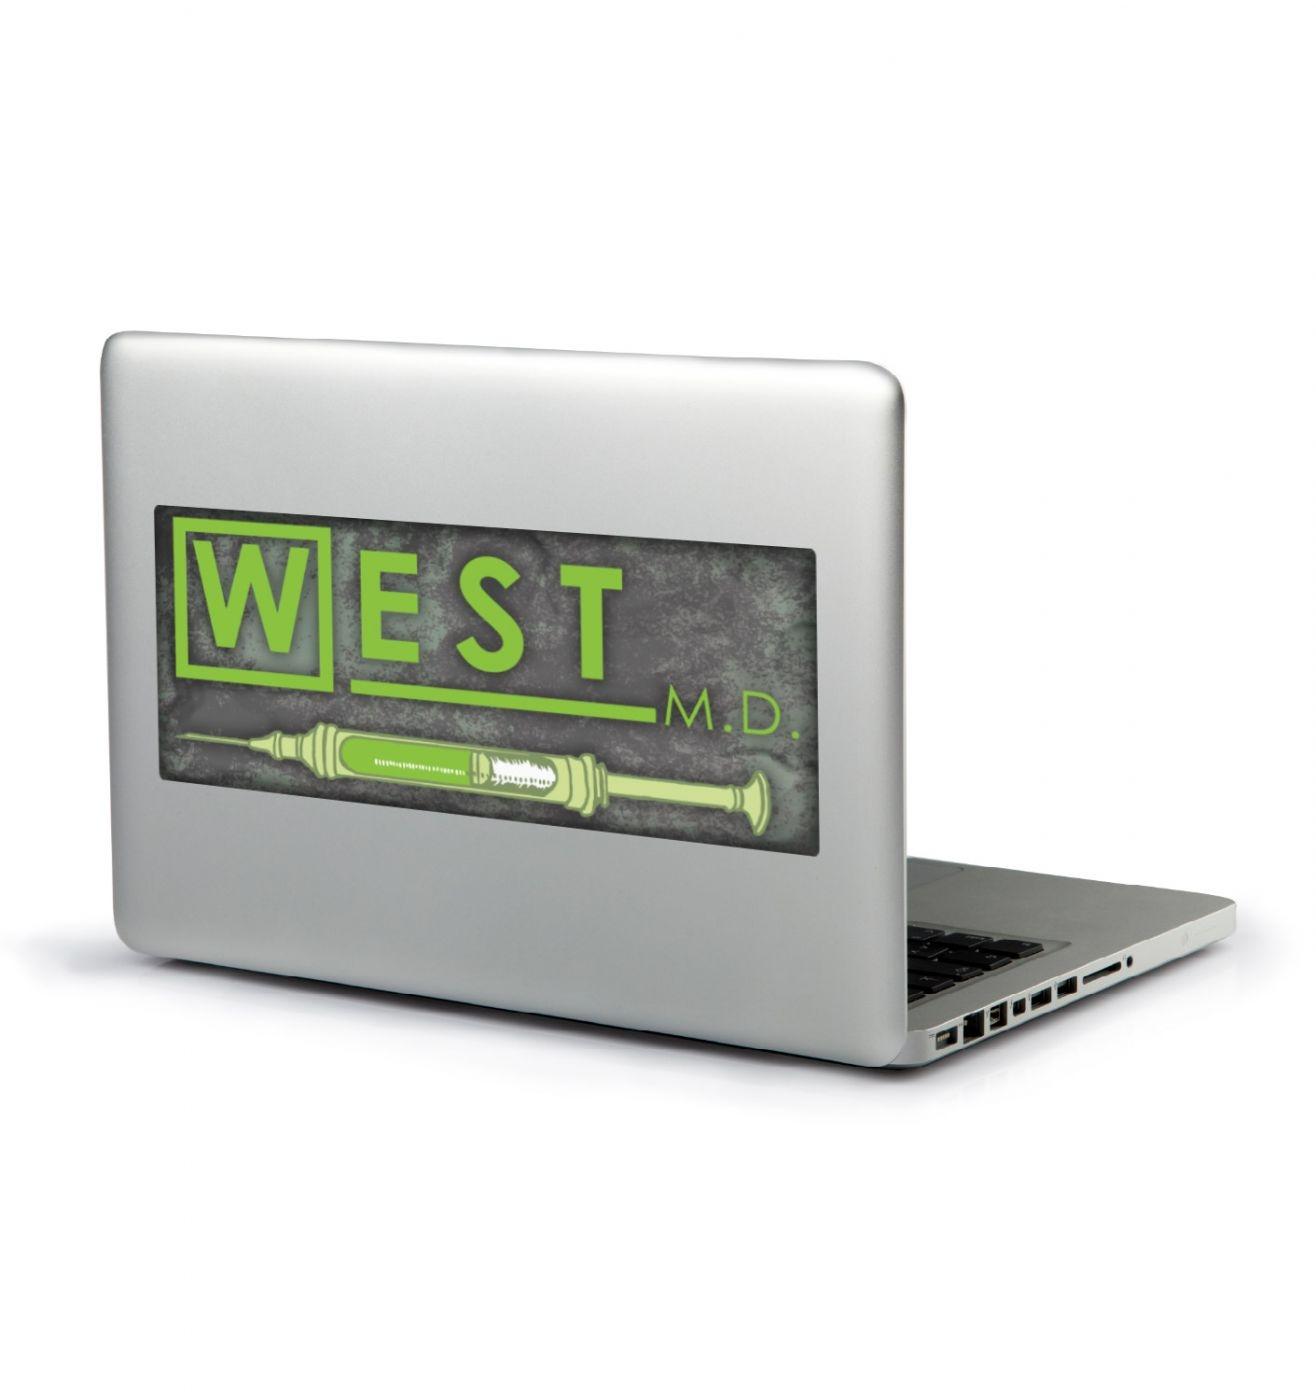 West MD HP Lovecraft laptop sticker